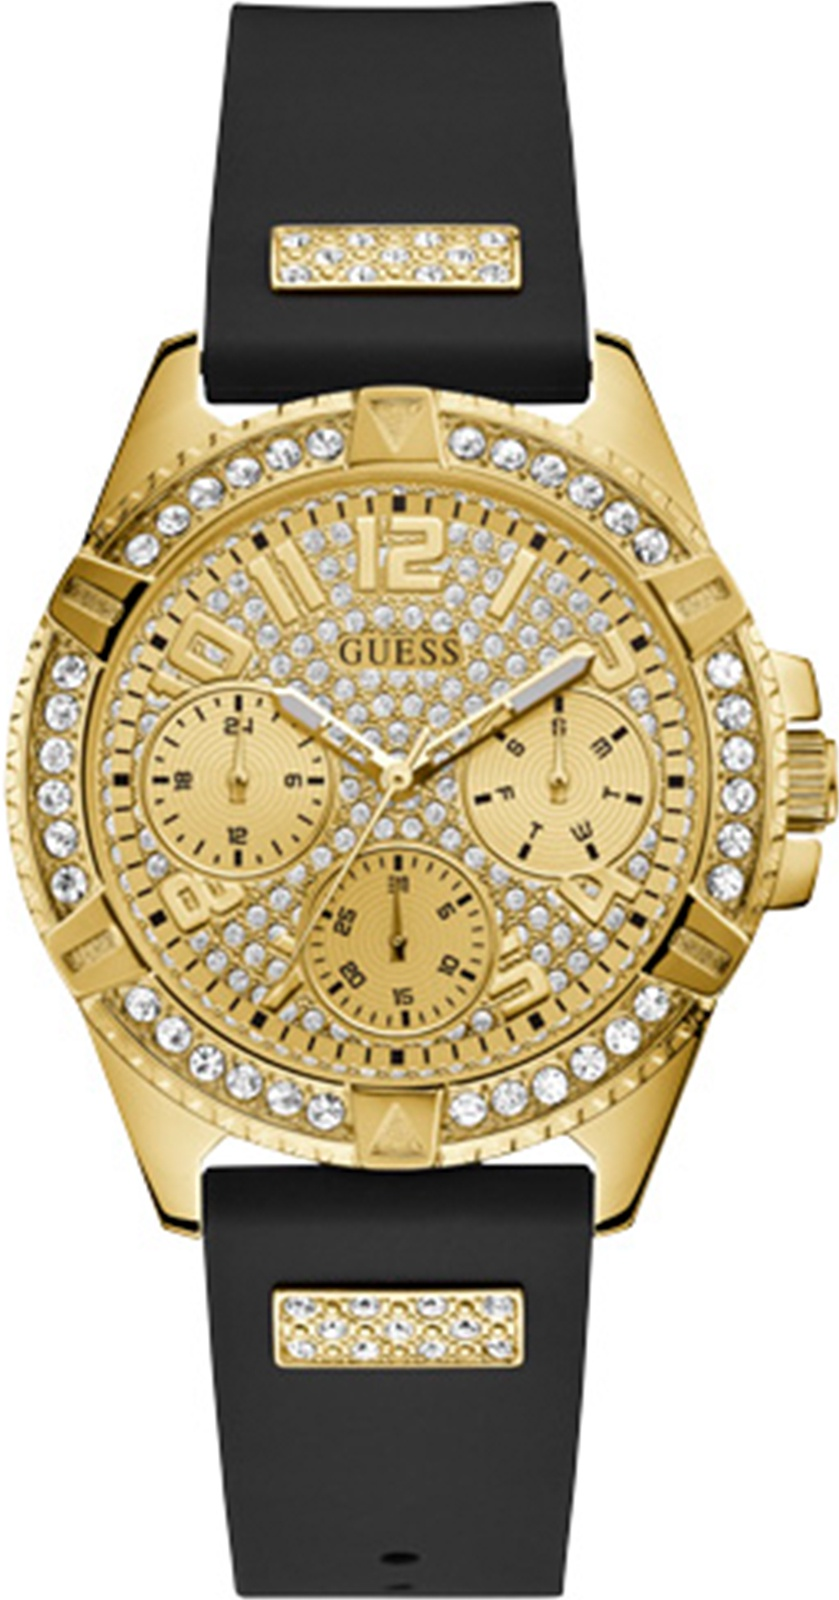 Наручные часы Guess LADY FRONTIER наручные часы guess w0658g4